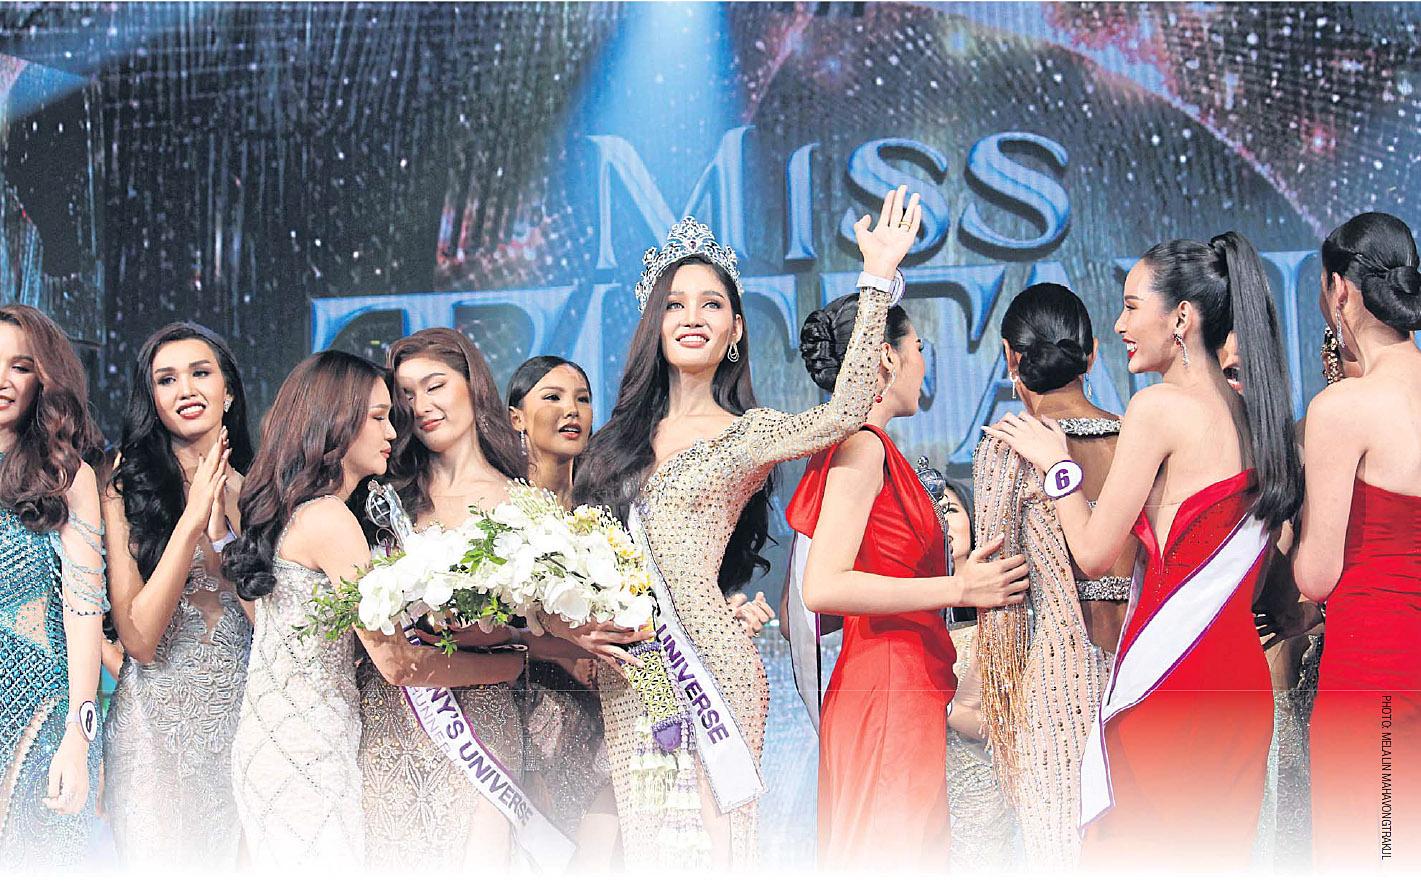 Ruetaipreeya Nuenglee Miss Tiffany 2019.jpg